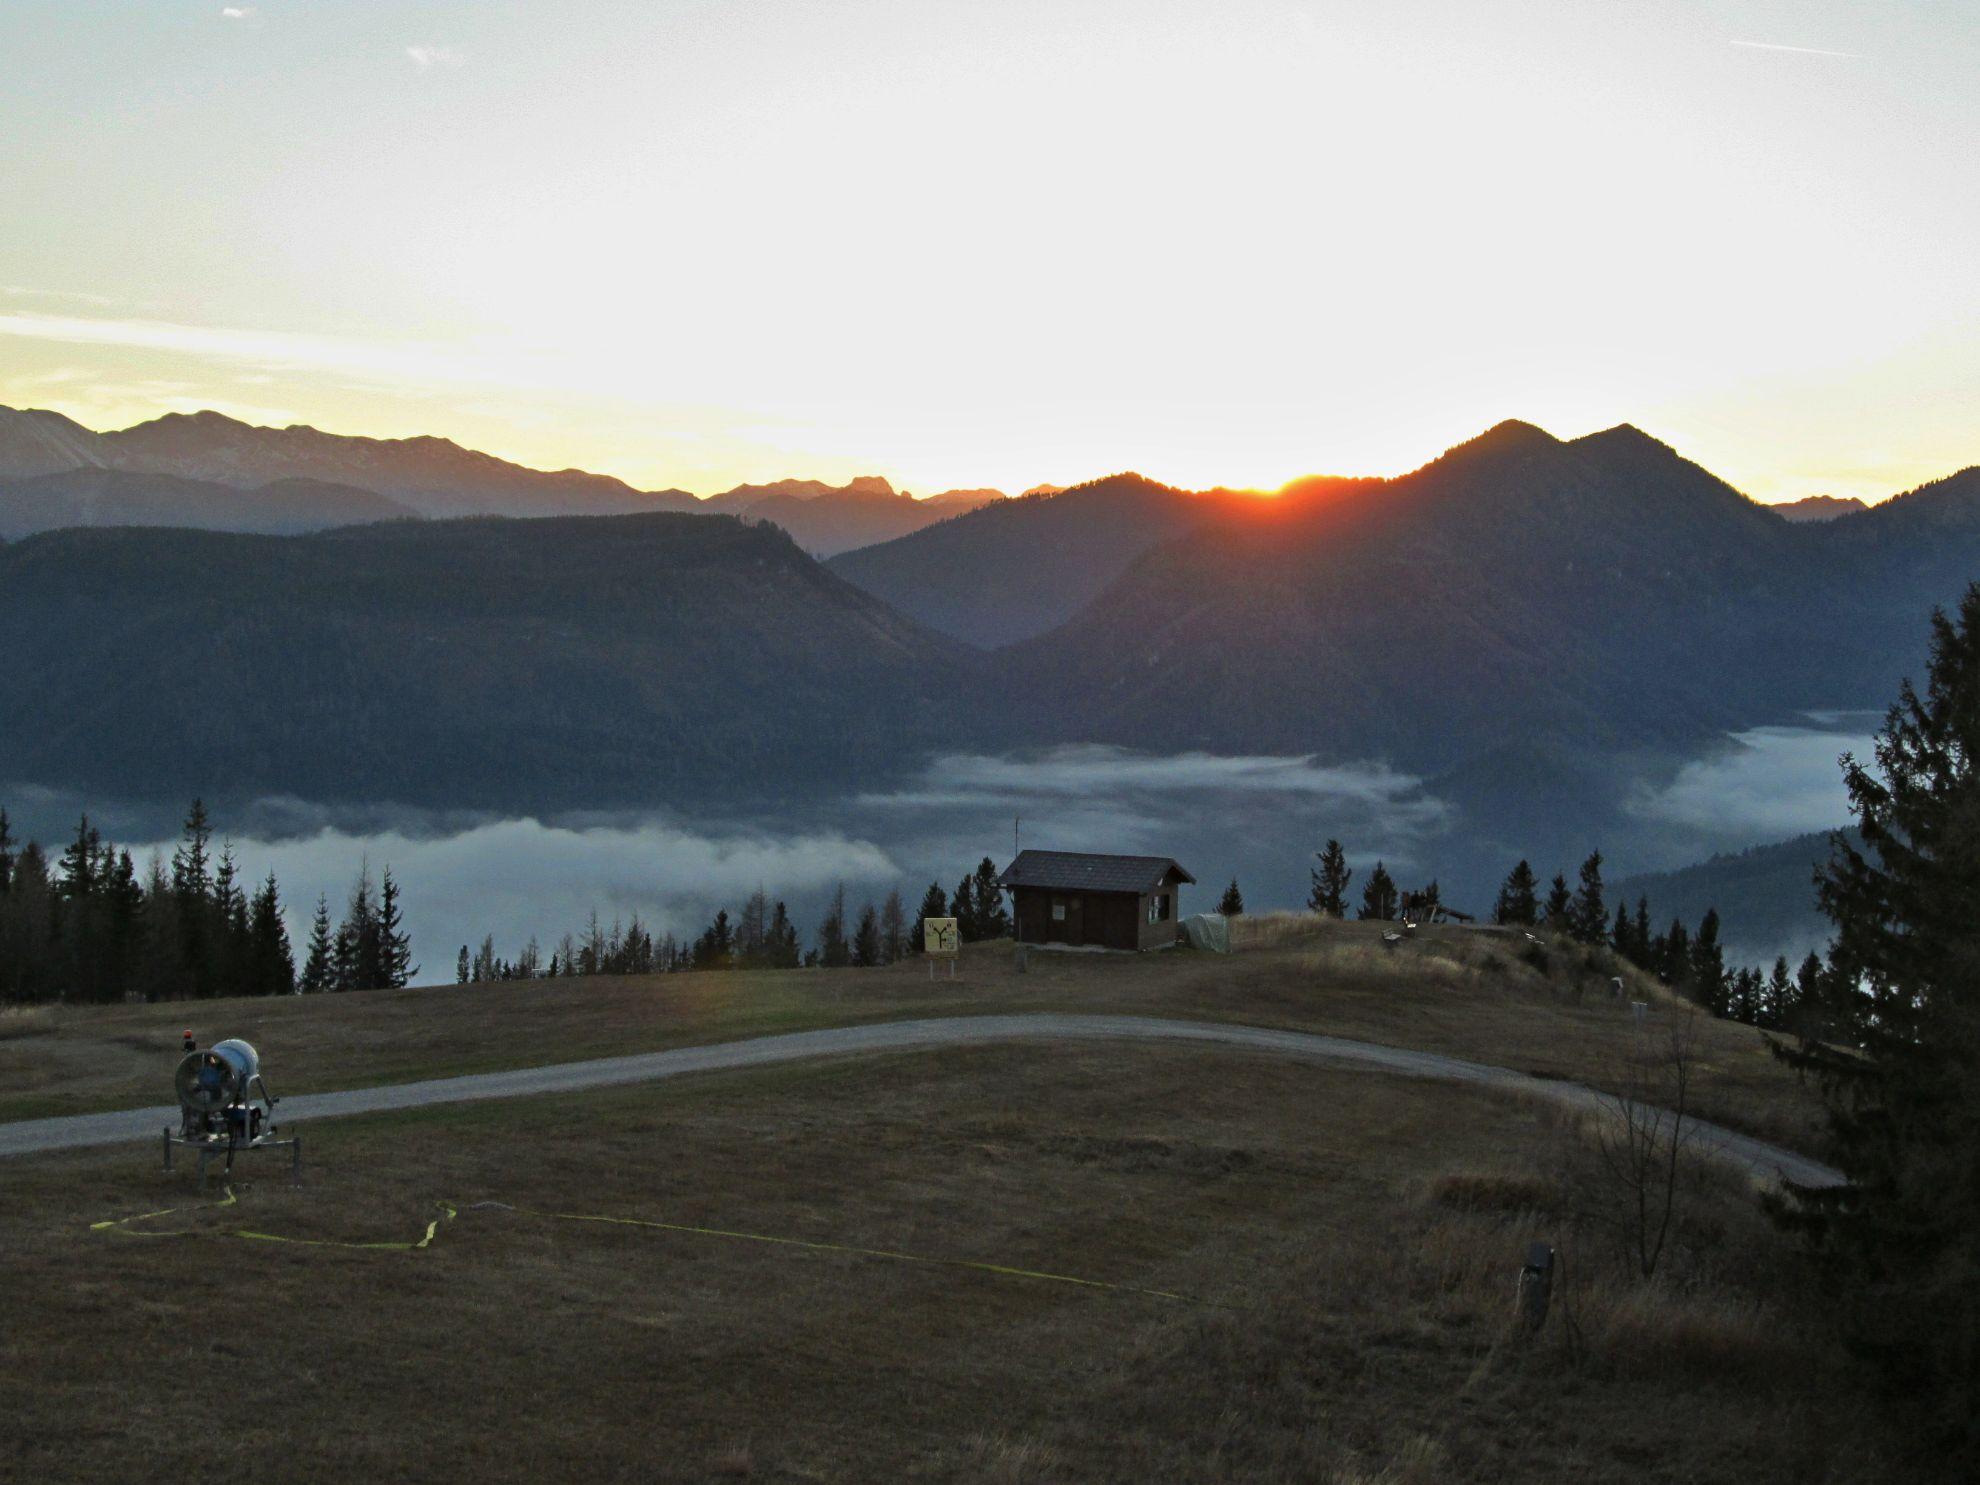 Obrázek Advent - Mariazell a průvod čertů